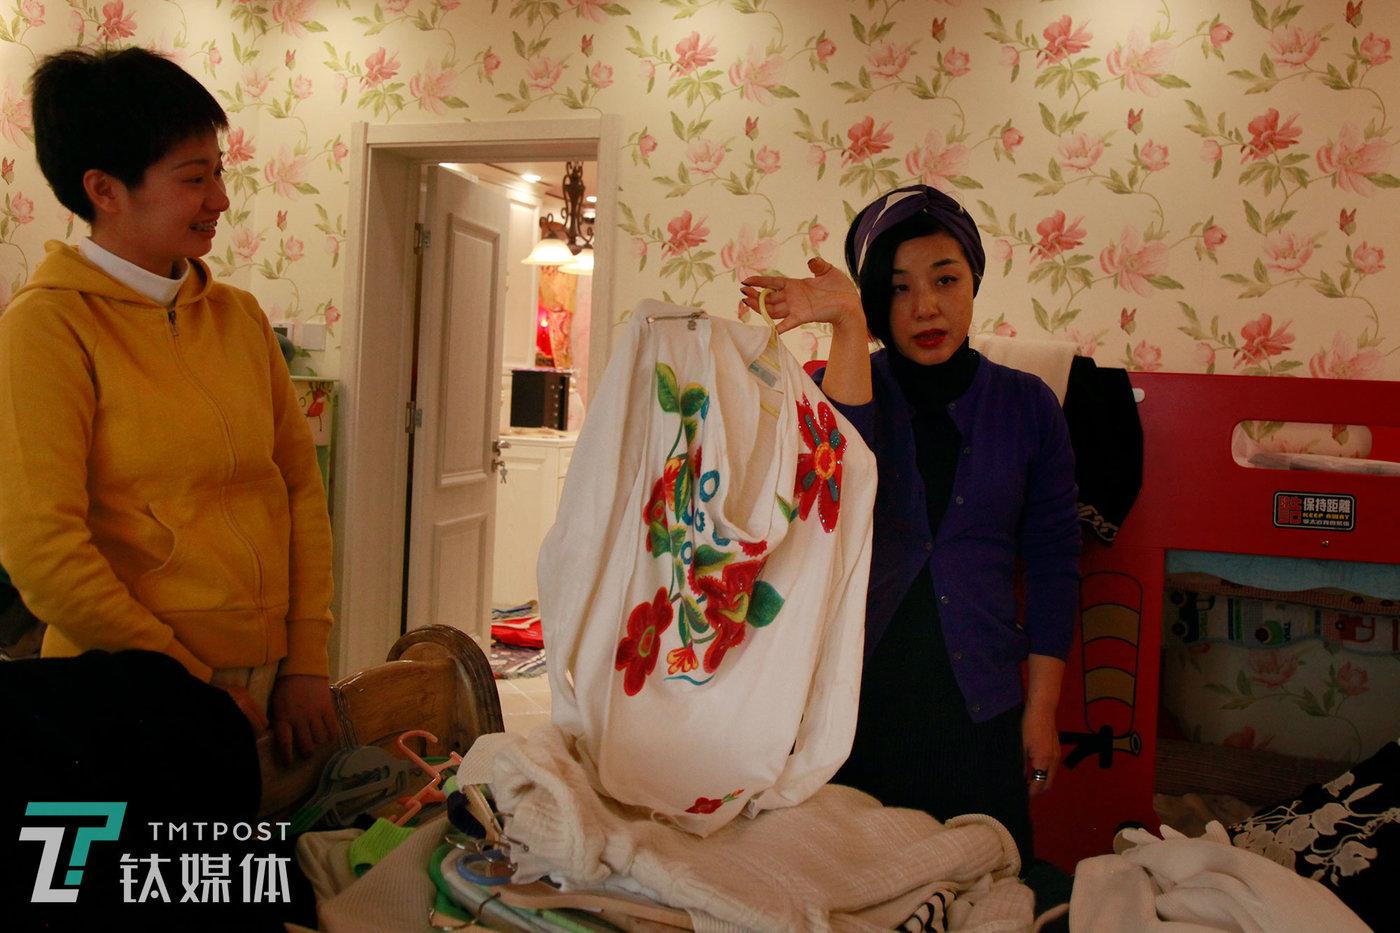 魏小晖和团队助手松子一起同客户筛选衣服。